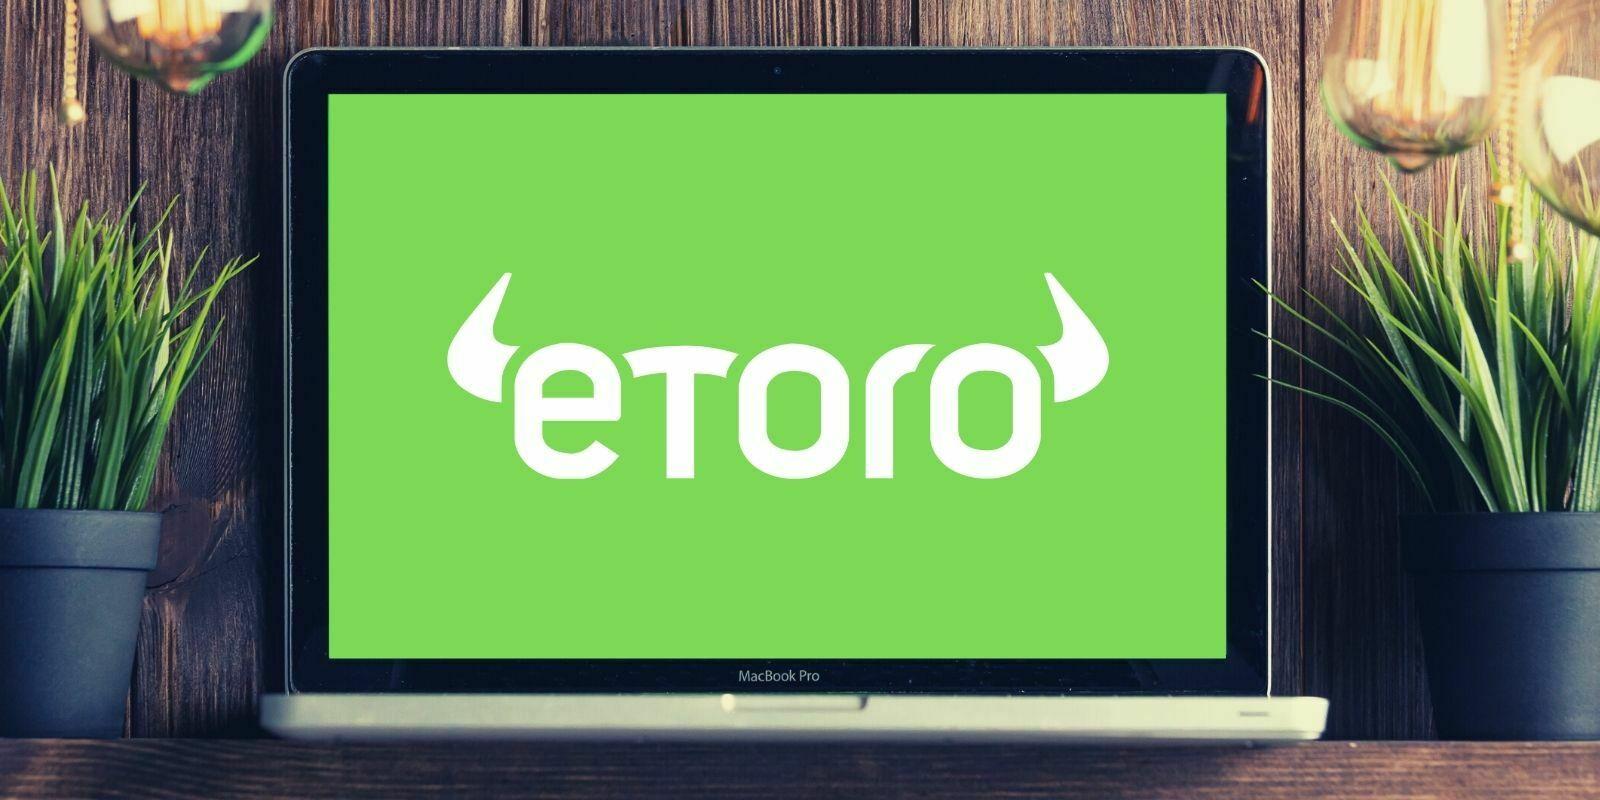 La plateforme eToro s'apprête à entrer en Bourse avec une valorisation de 10,4 milliards de dollars